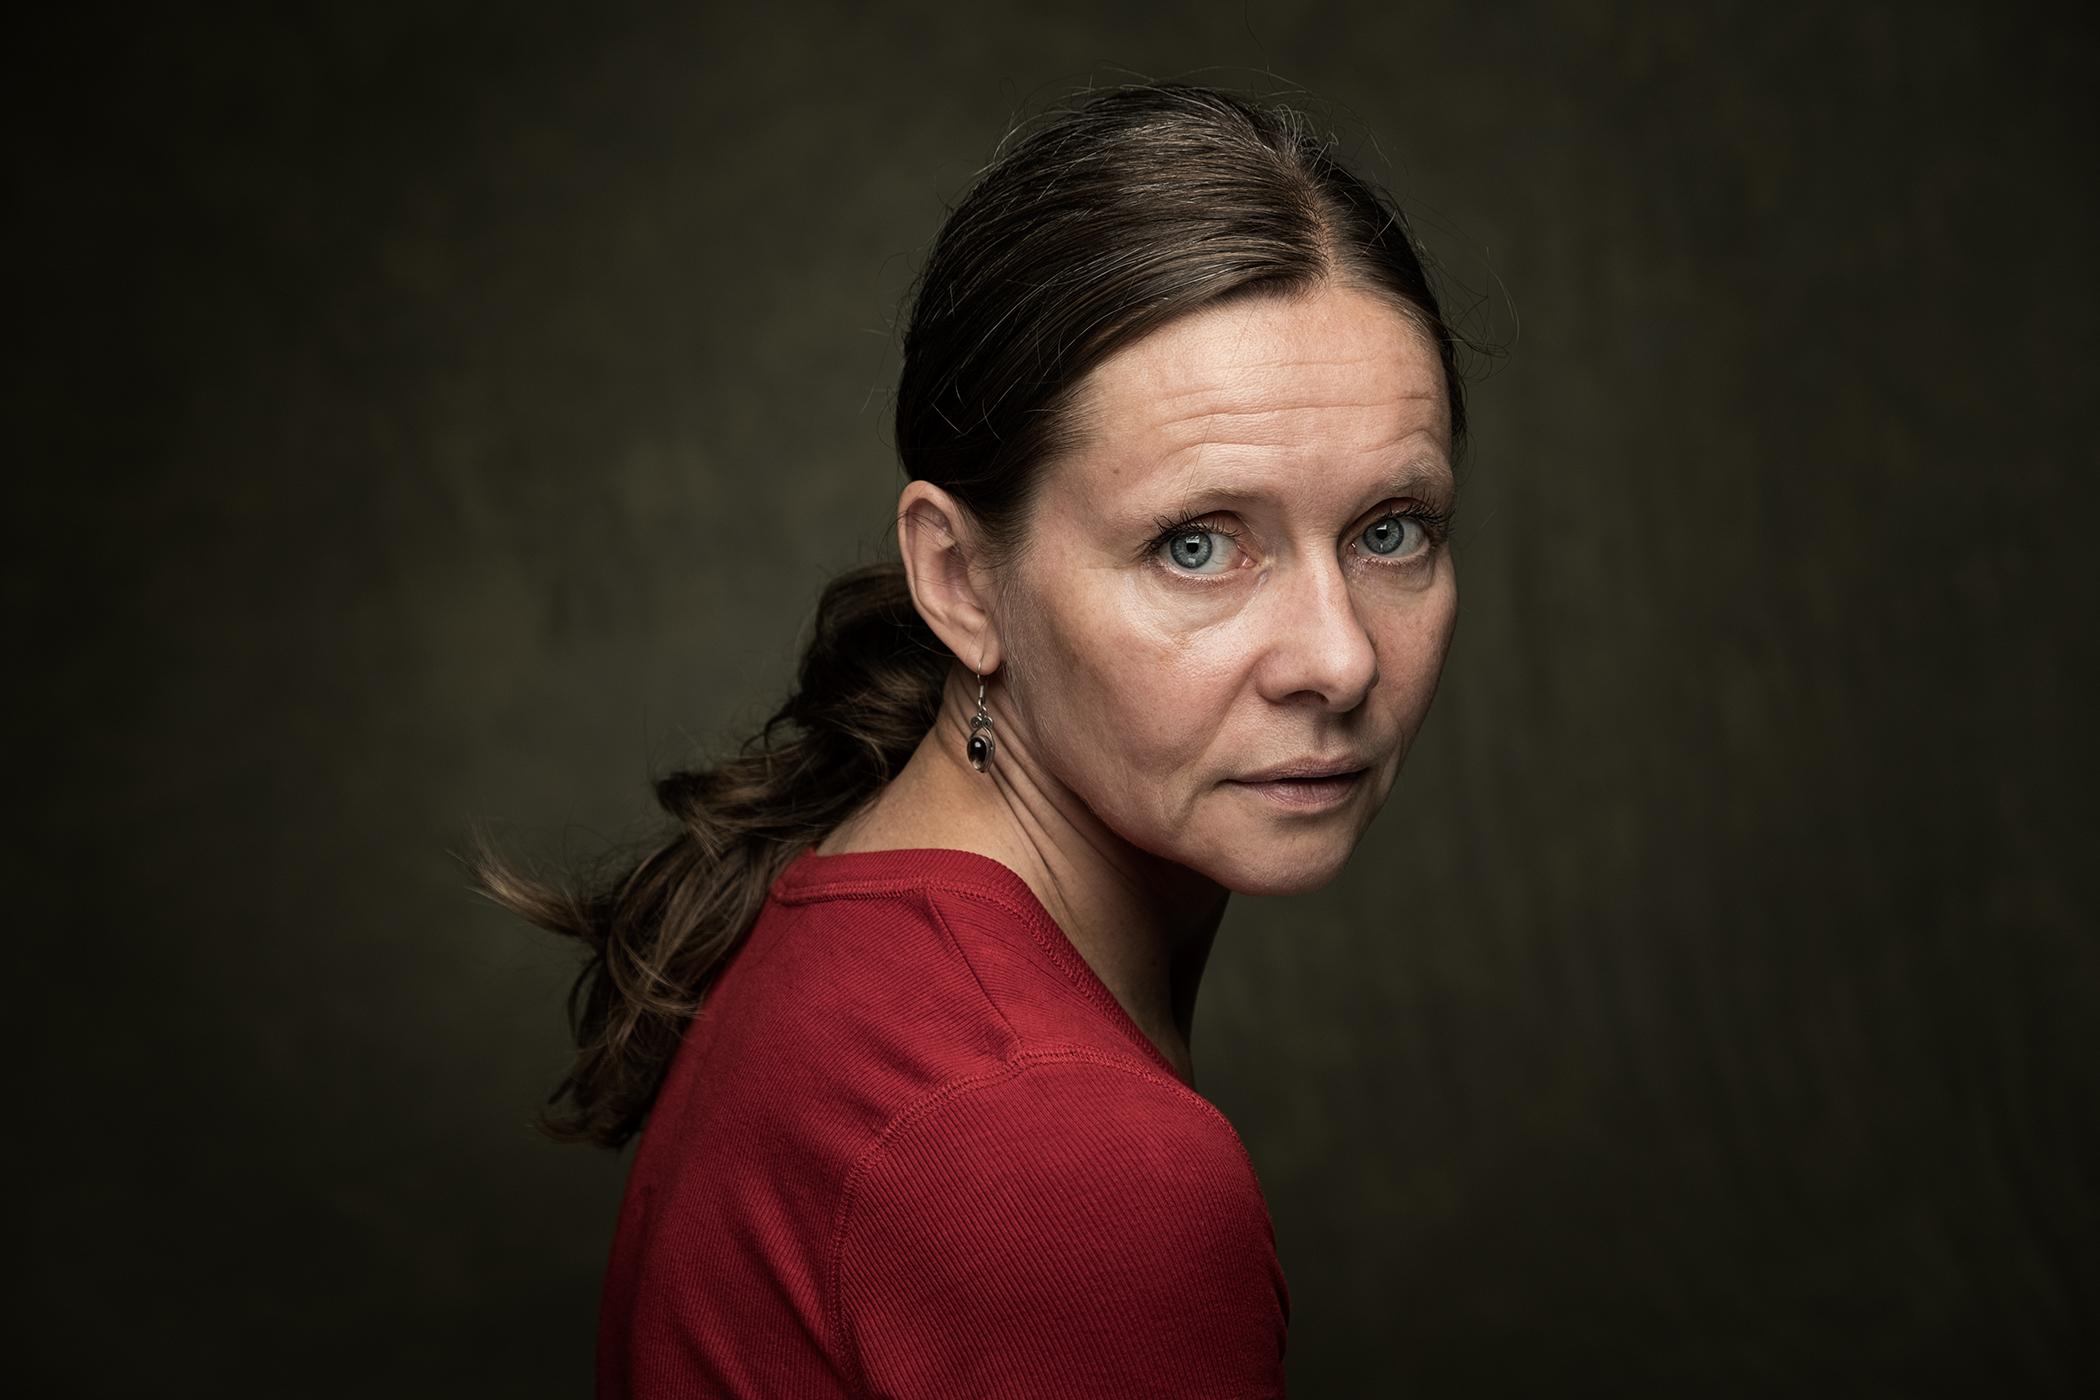 Susanne Middelberg, portret, portrait, dansers, dancer, actrice, actress